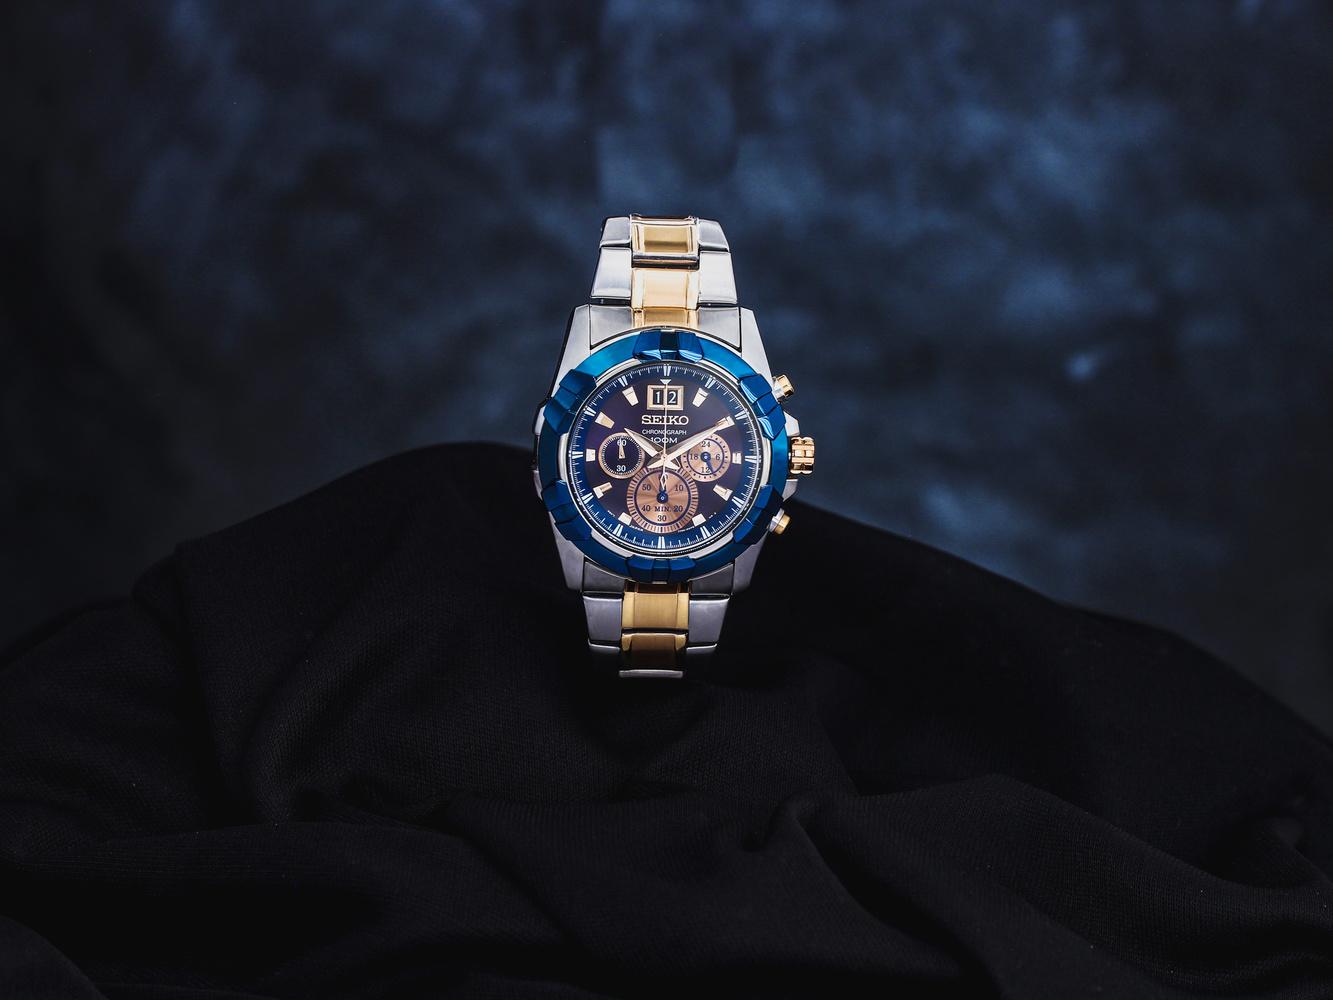 The watch by Dhruv Krishan agarwal